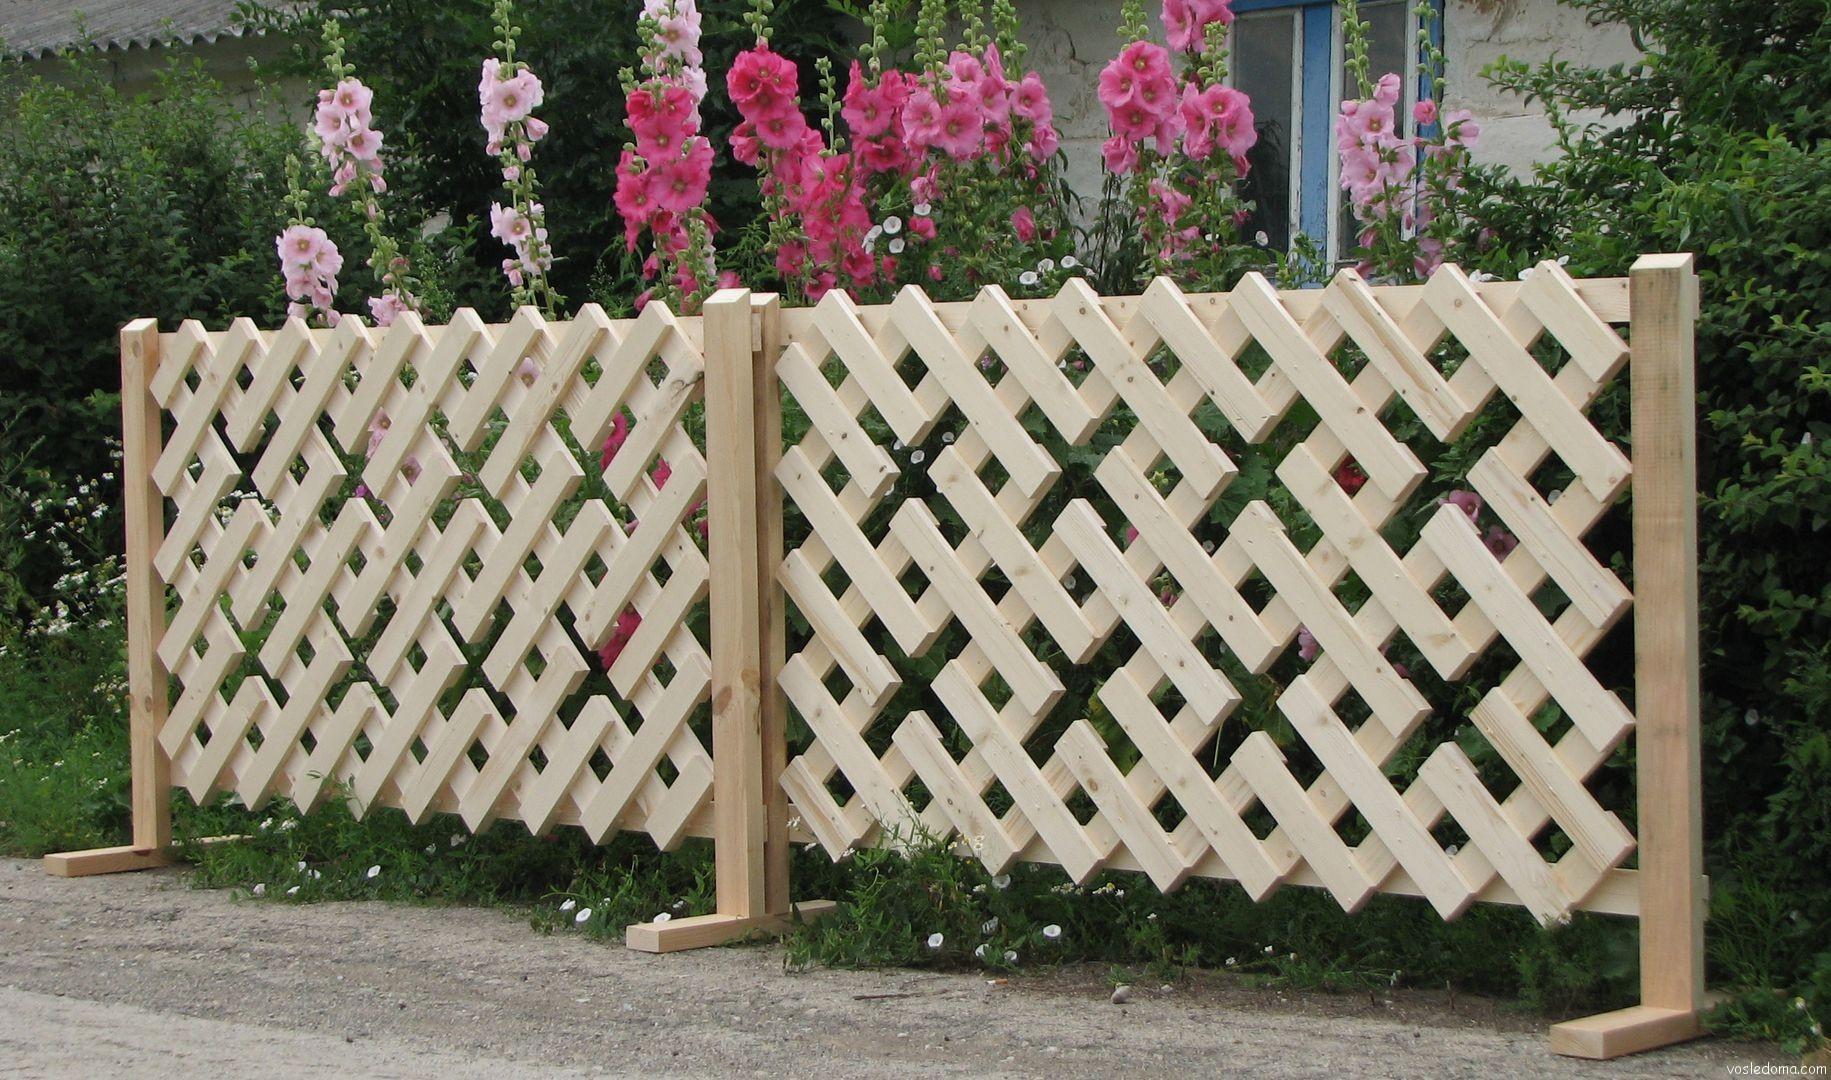 Декоративный забор: красивые идеи ограждения и лучшие модели декоративных заборов (115 фото + видео)